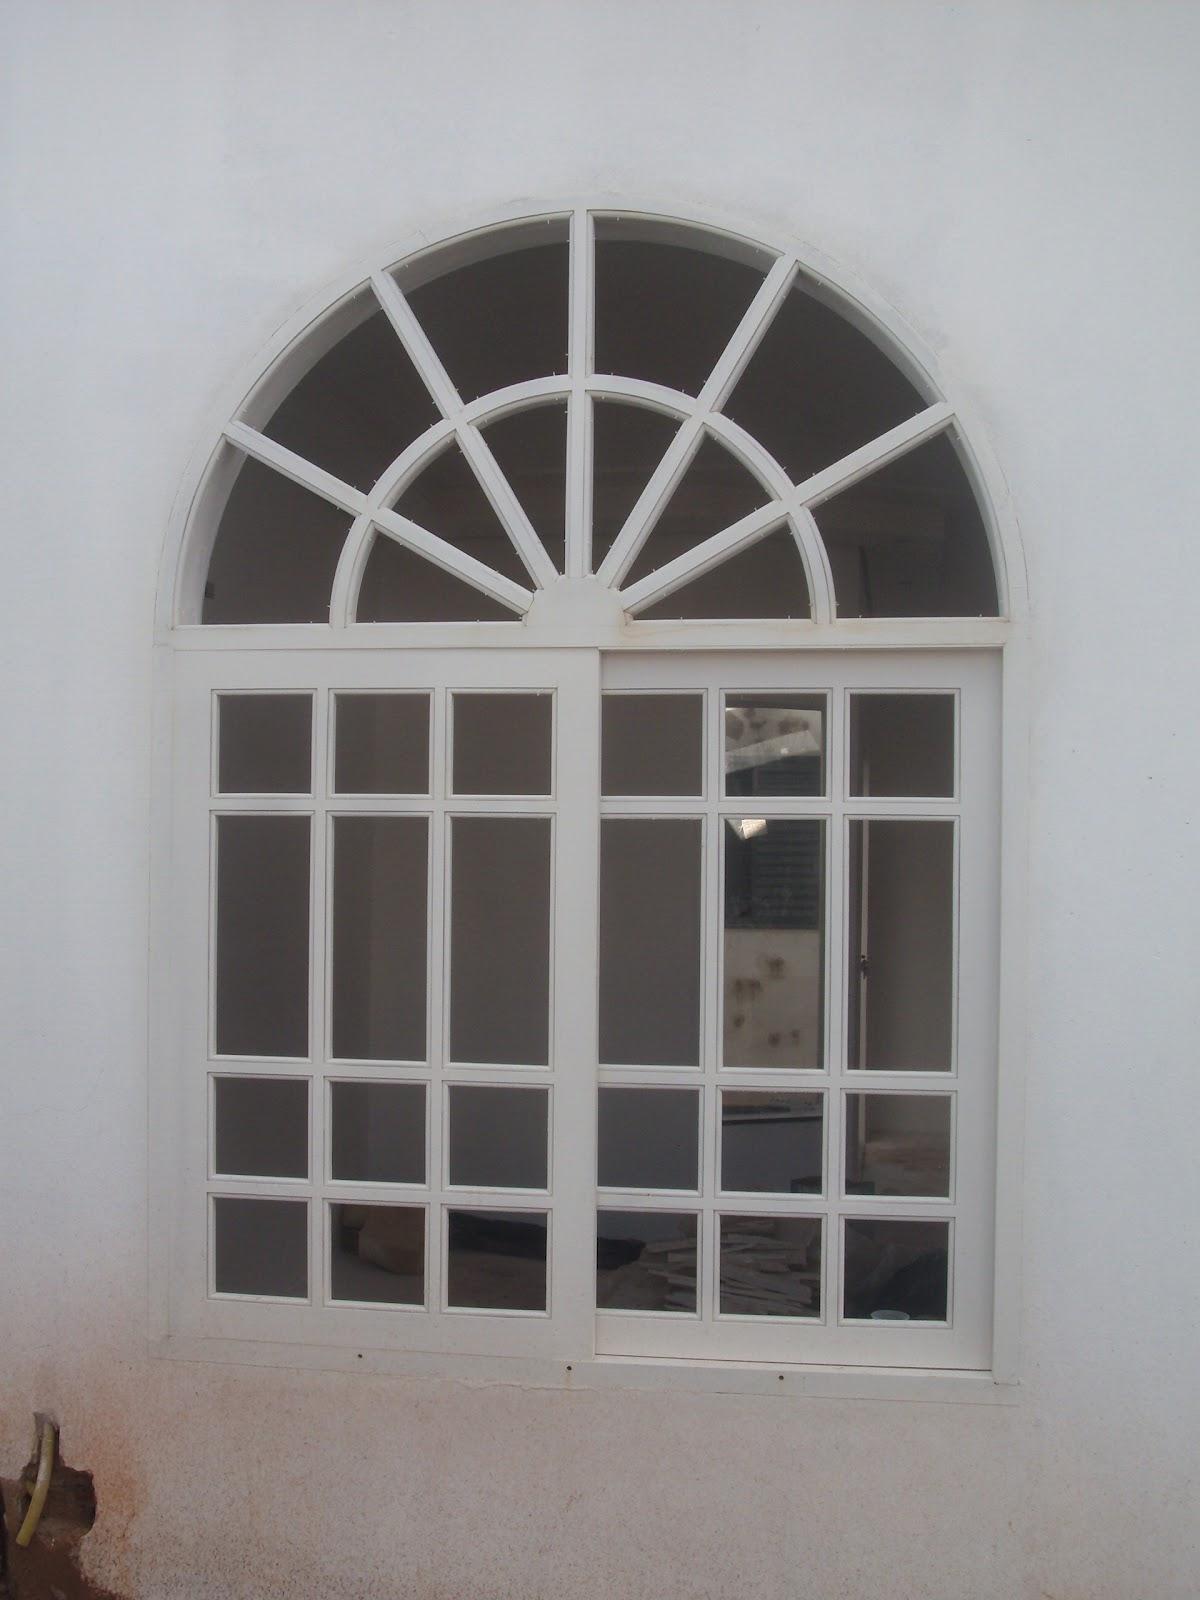 #655950  de uma Construção: Portas e janelas brancas Glamour ou Desastre 1594 Vidros Ou Janelas Eletrocrômicos